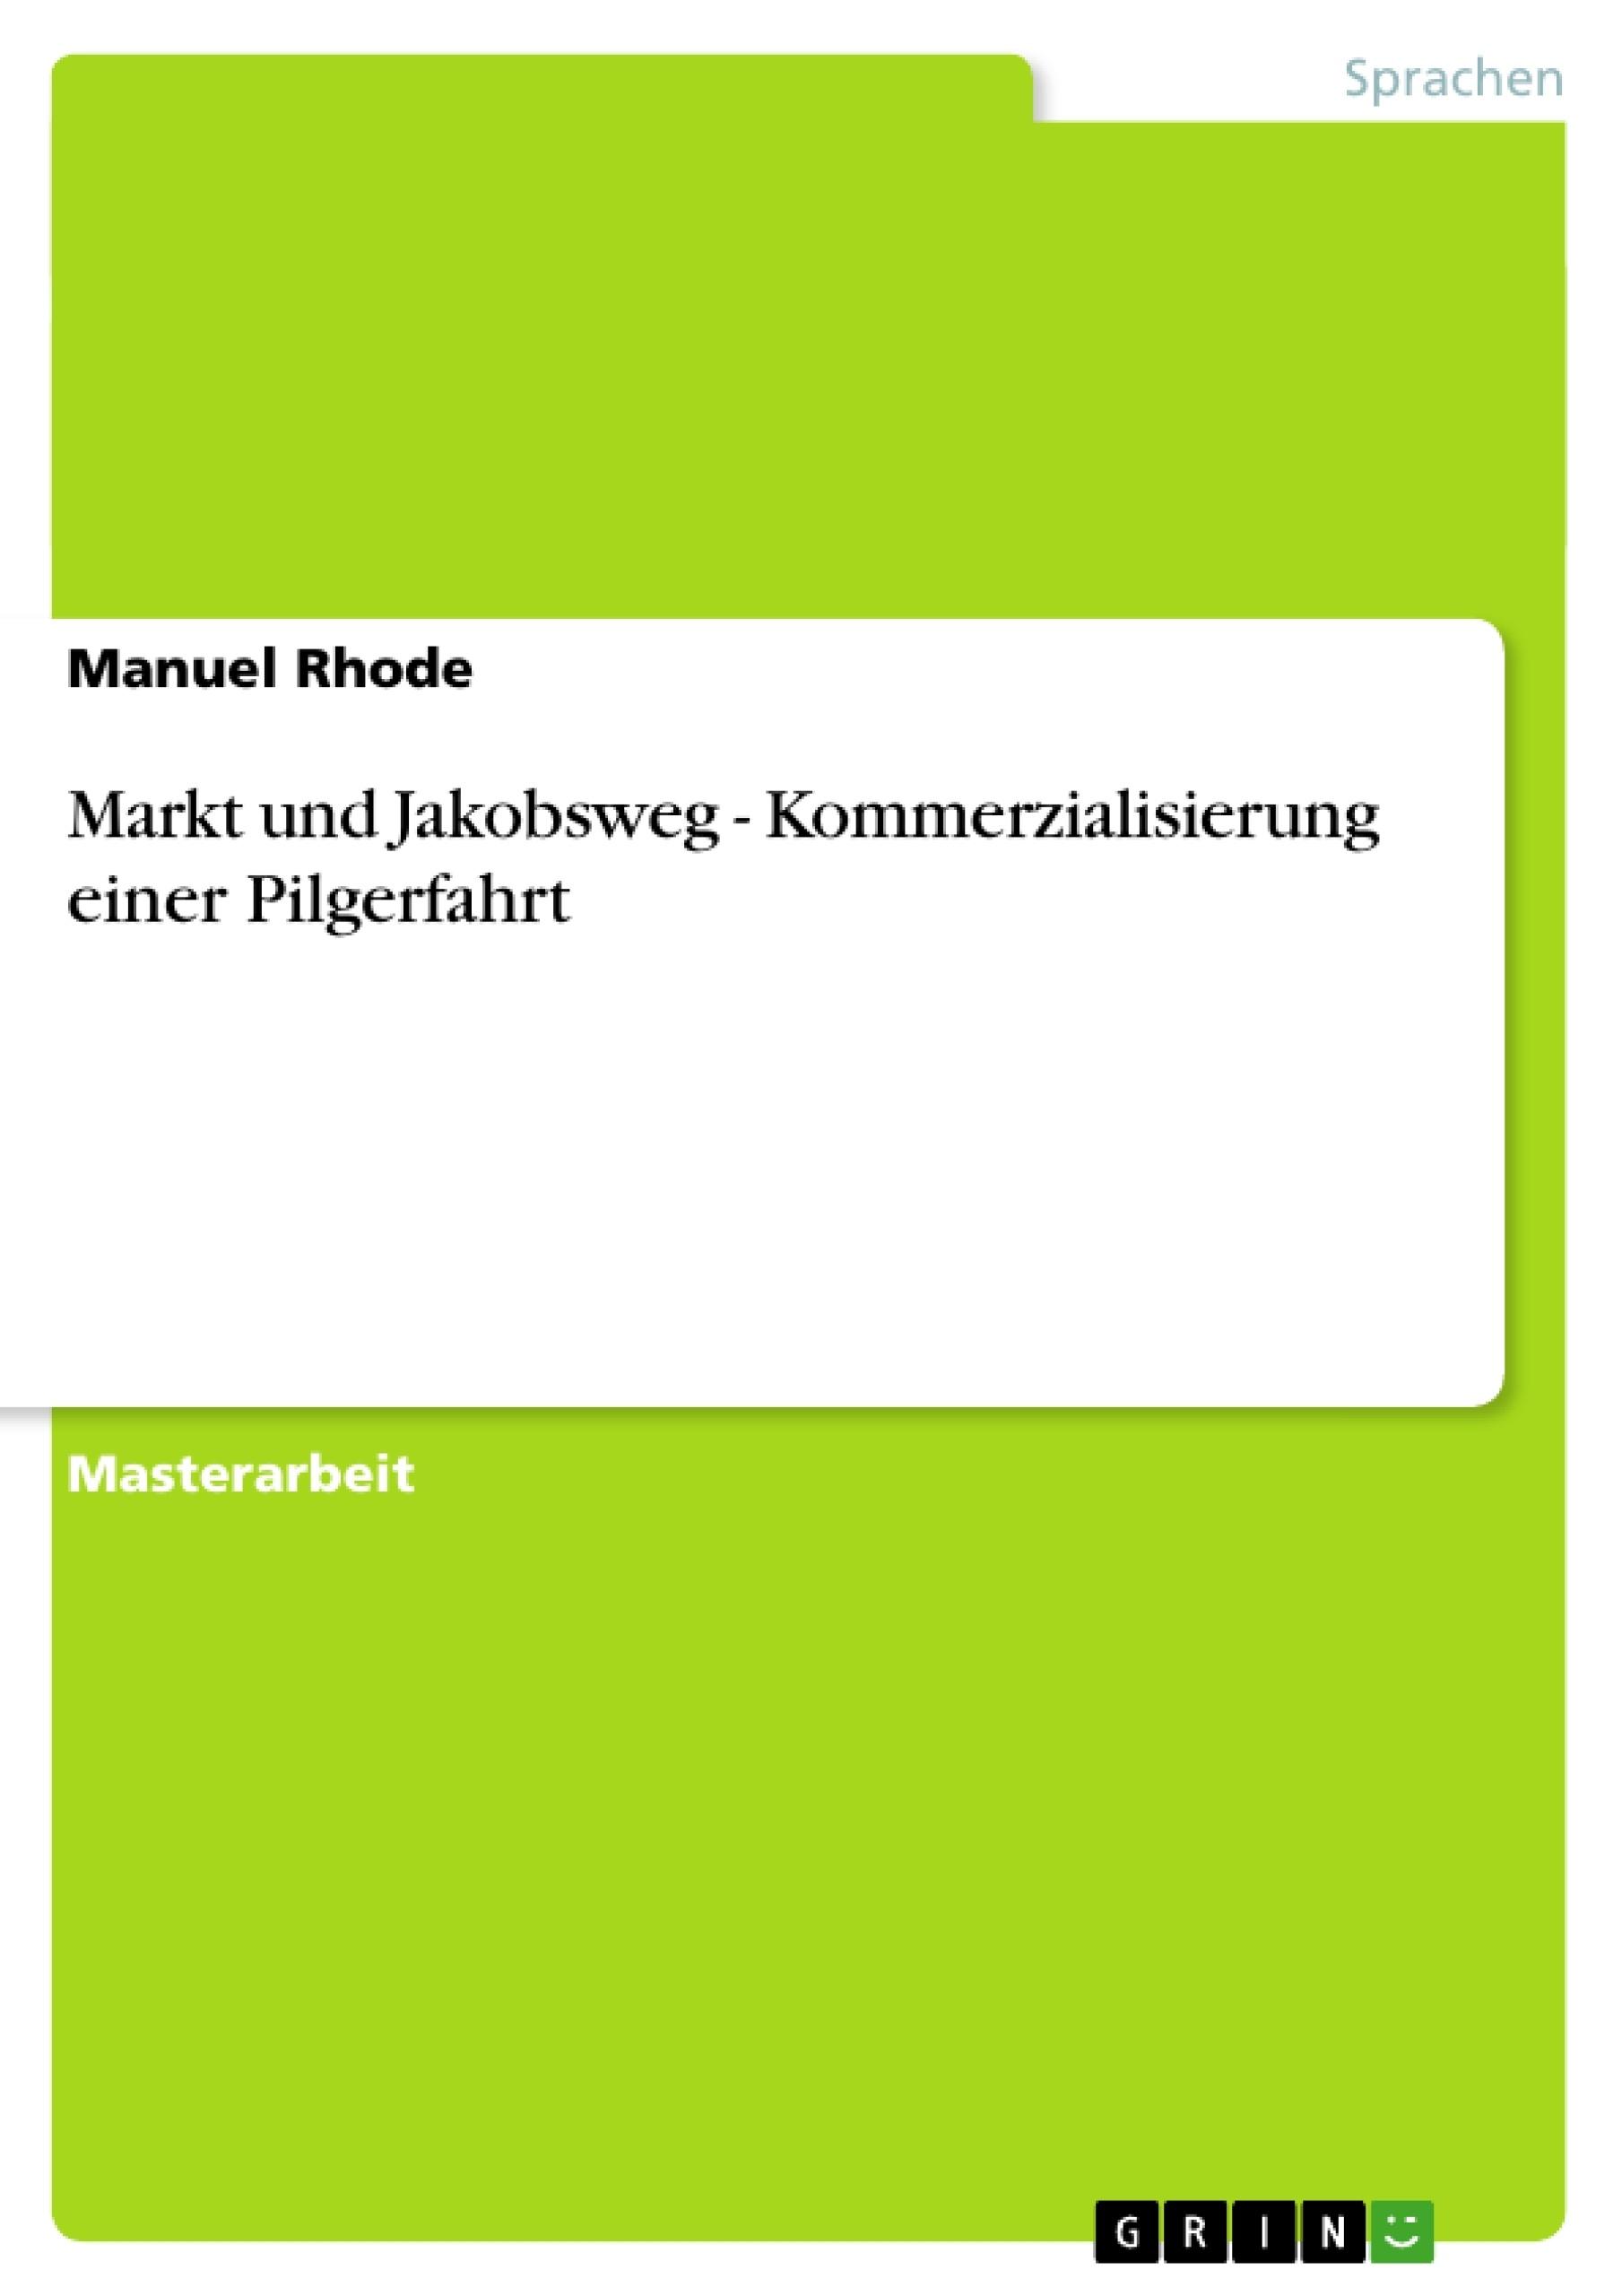 Titel: Markt und Jakobsweg - Kommerzialisierung einer Pilgerfahrt